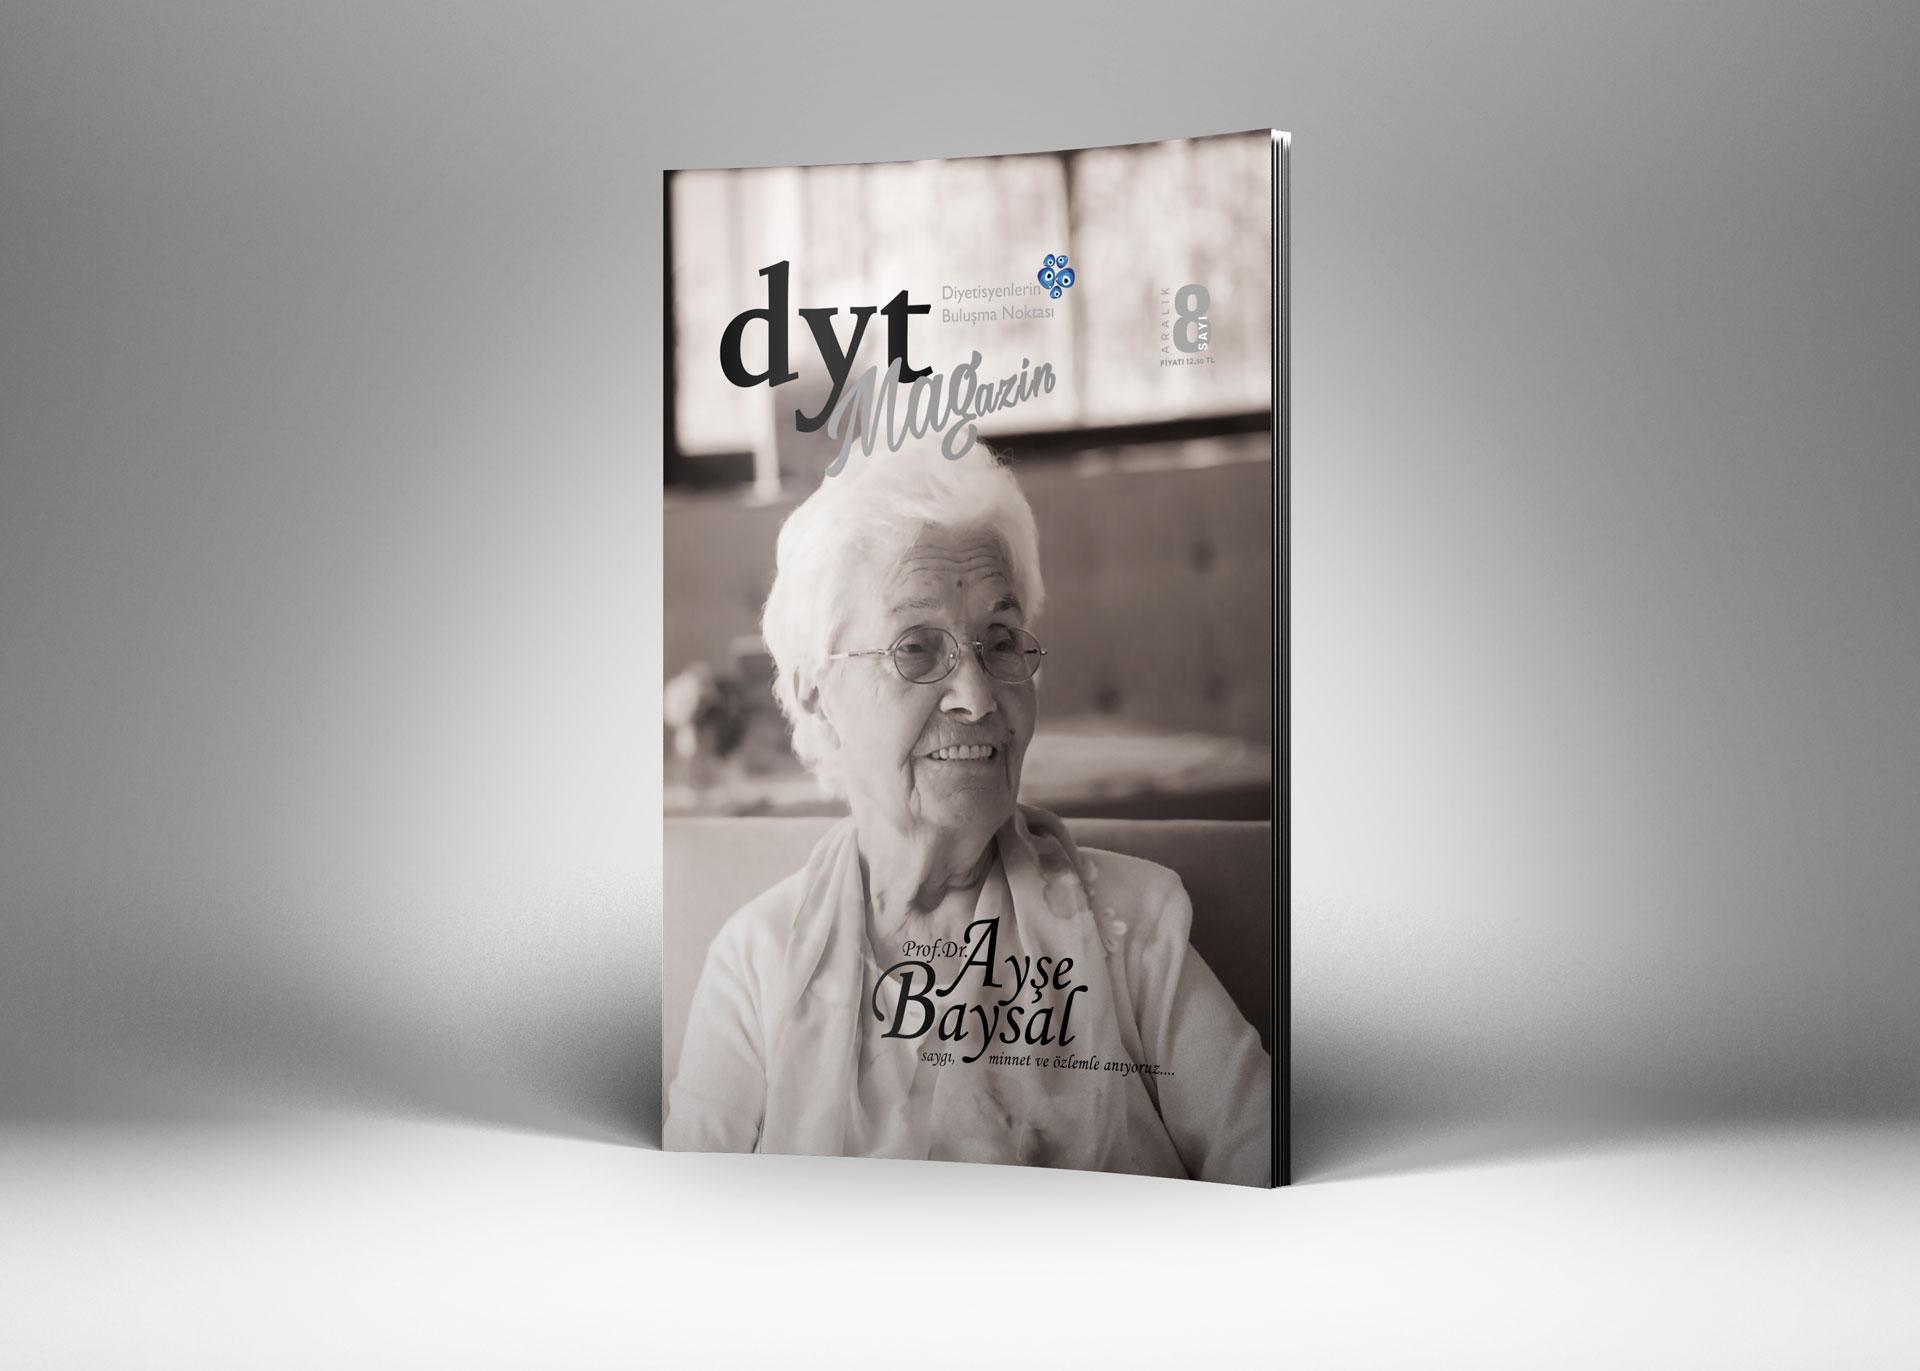 DytMagazin Dergi Tasarımı Sayı 8